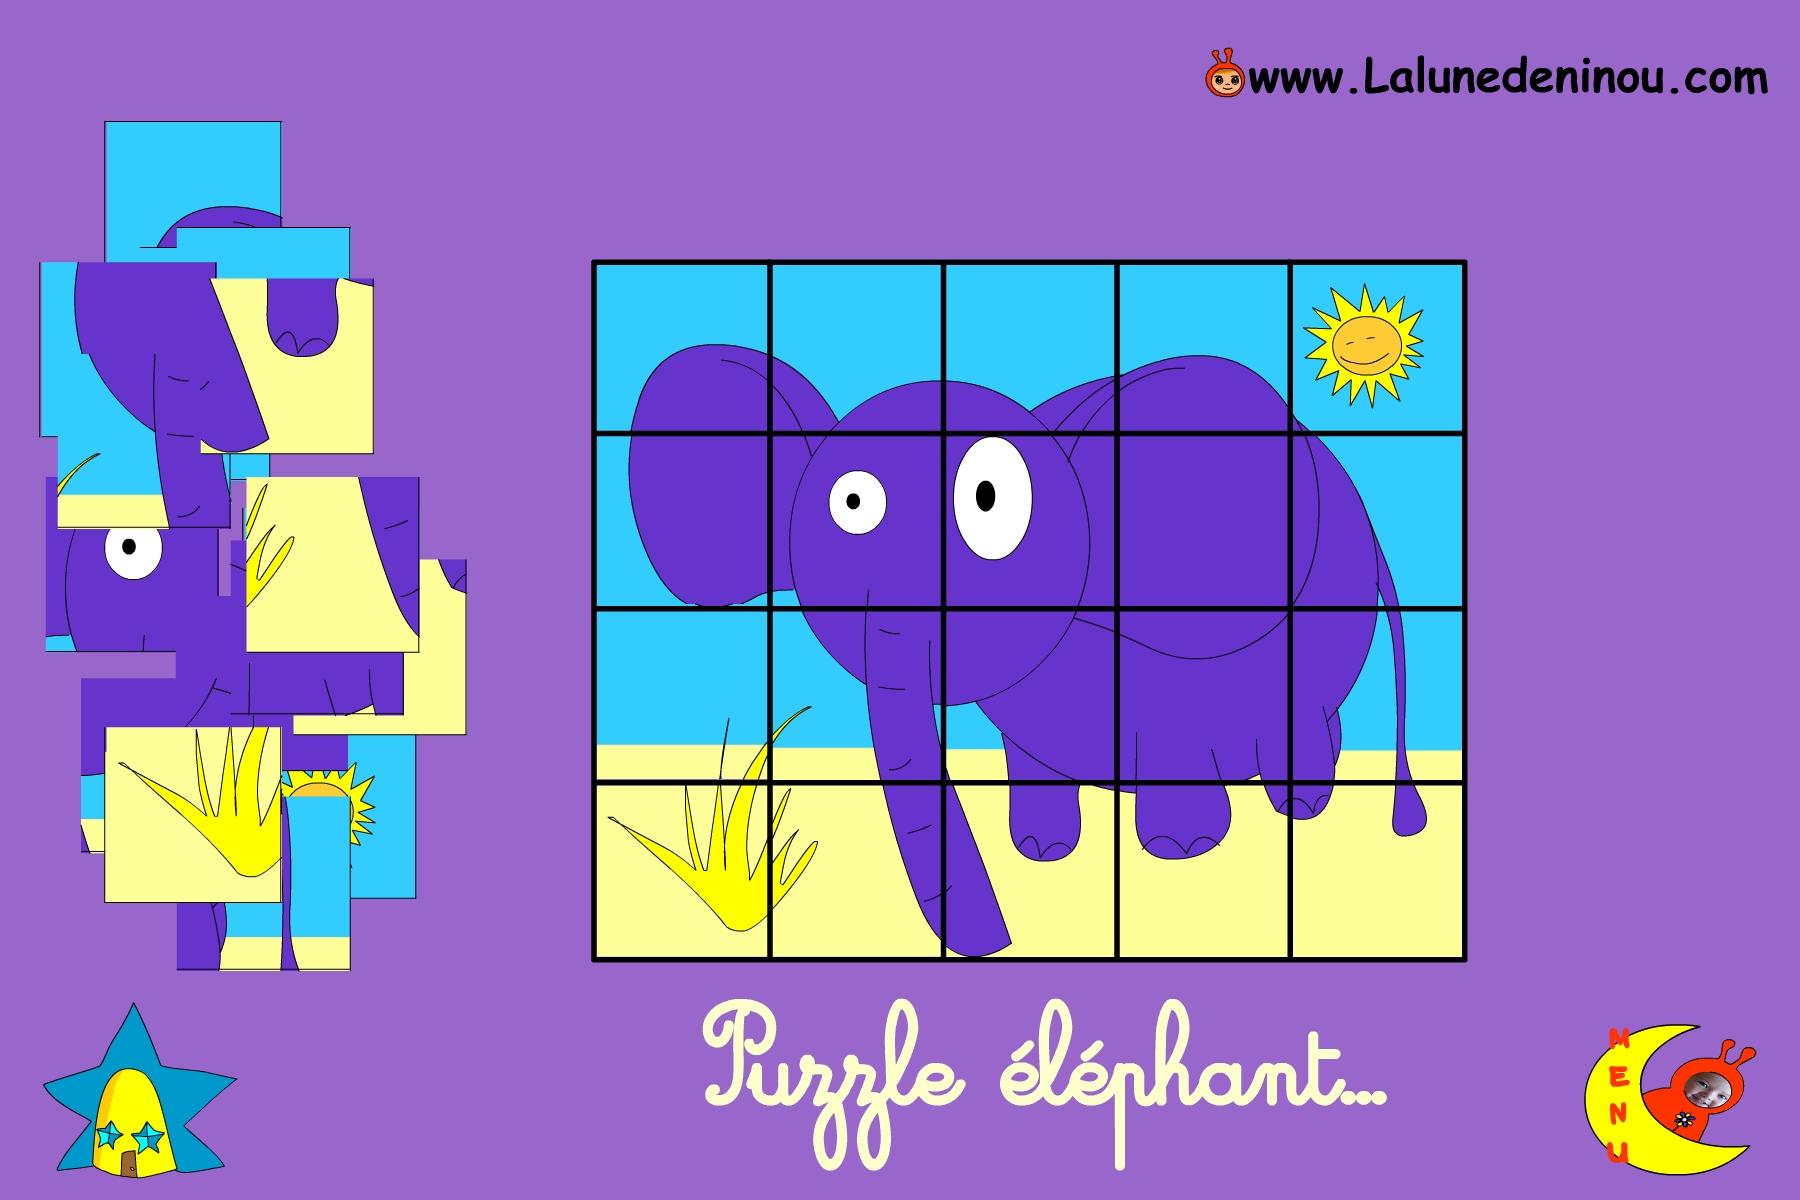 Puzzle En Ligne Pour Enfant De Maternelle - Lalunedeninou pour Jeux De Puzzle Pour Enfan Gratuit